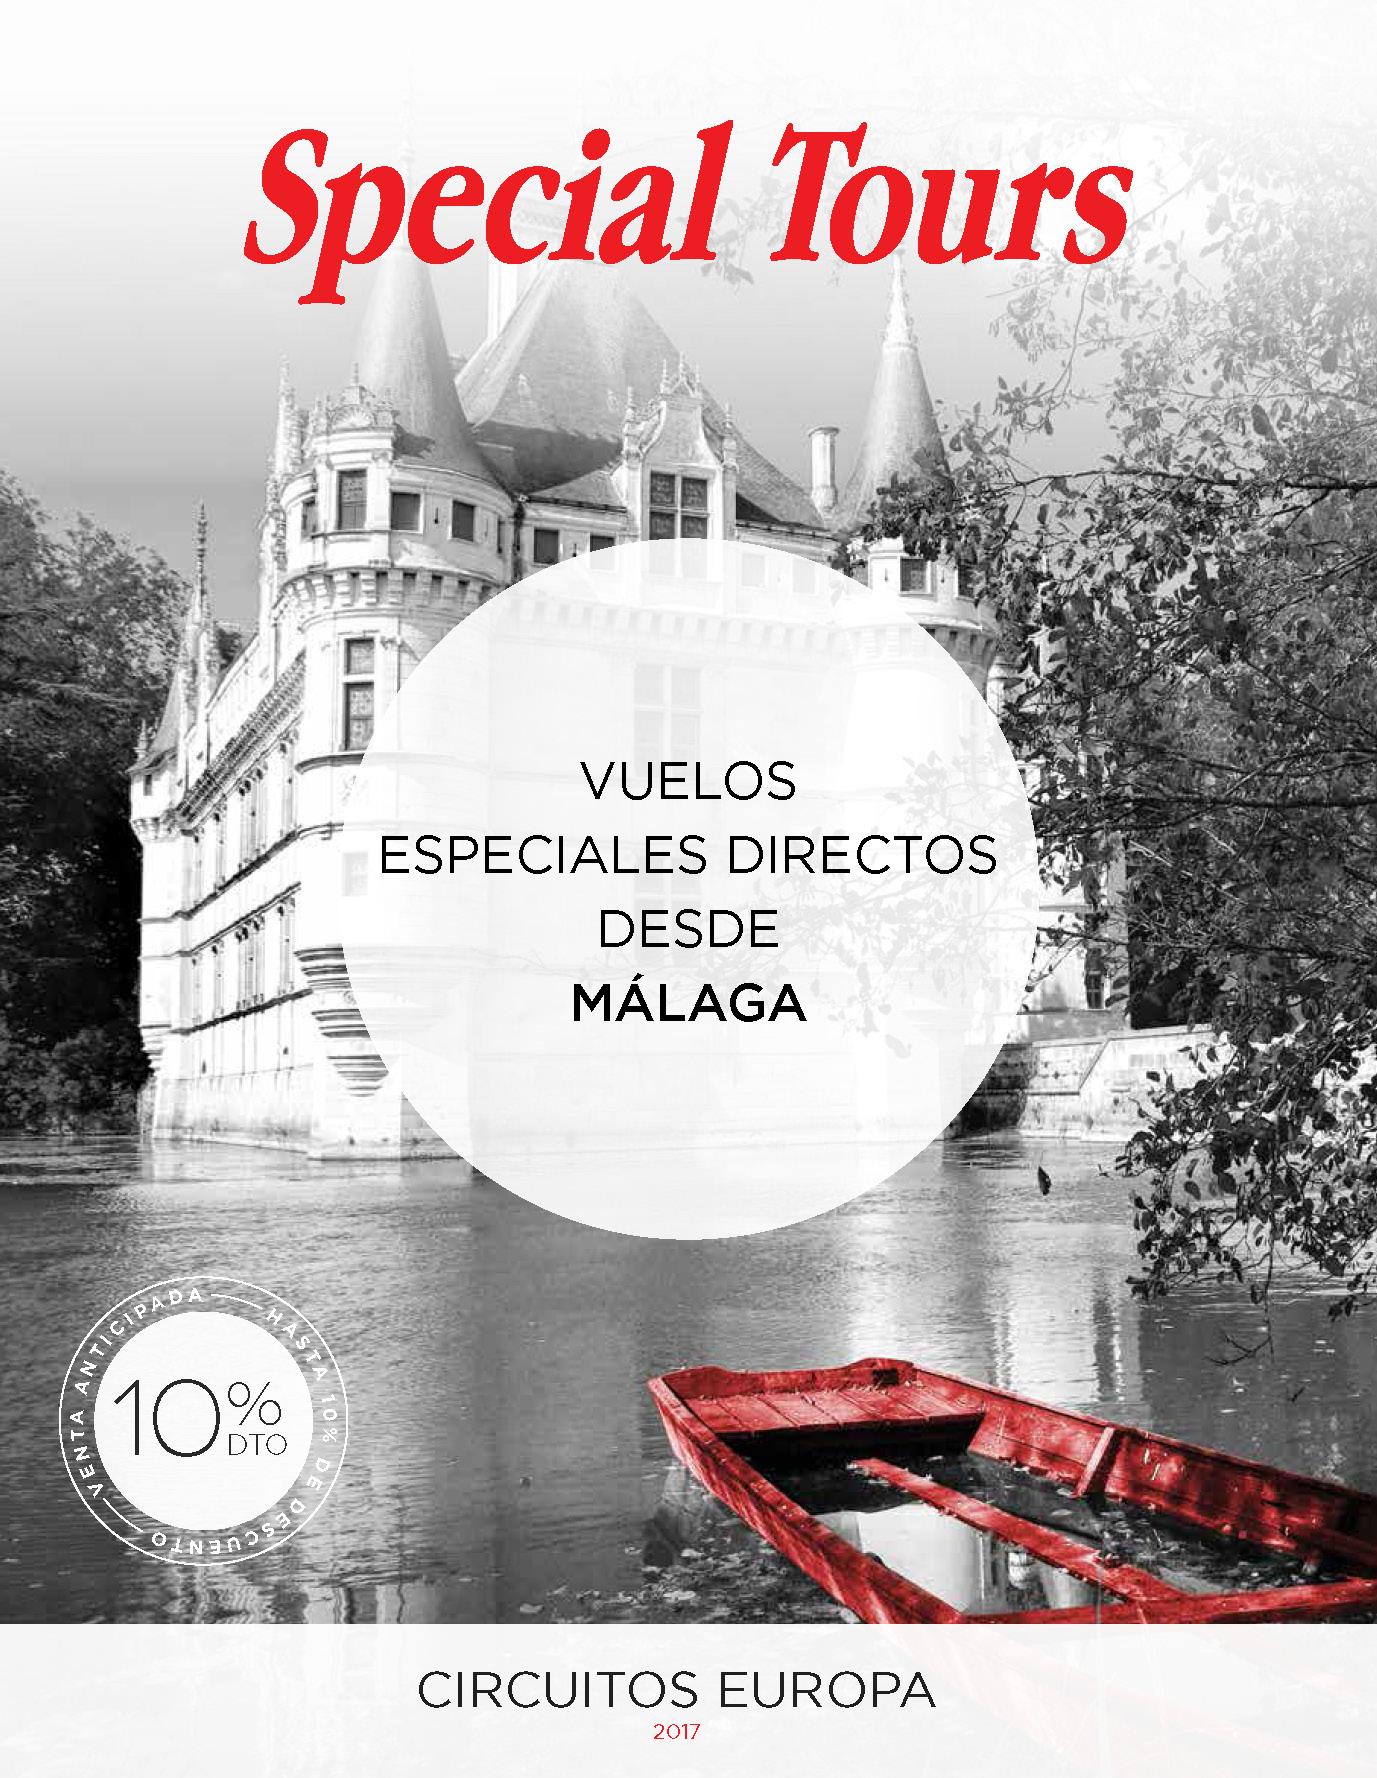 Folleto Special Tours Verano 2017 salidas vuelo directo desde Malaga